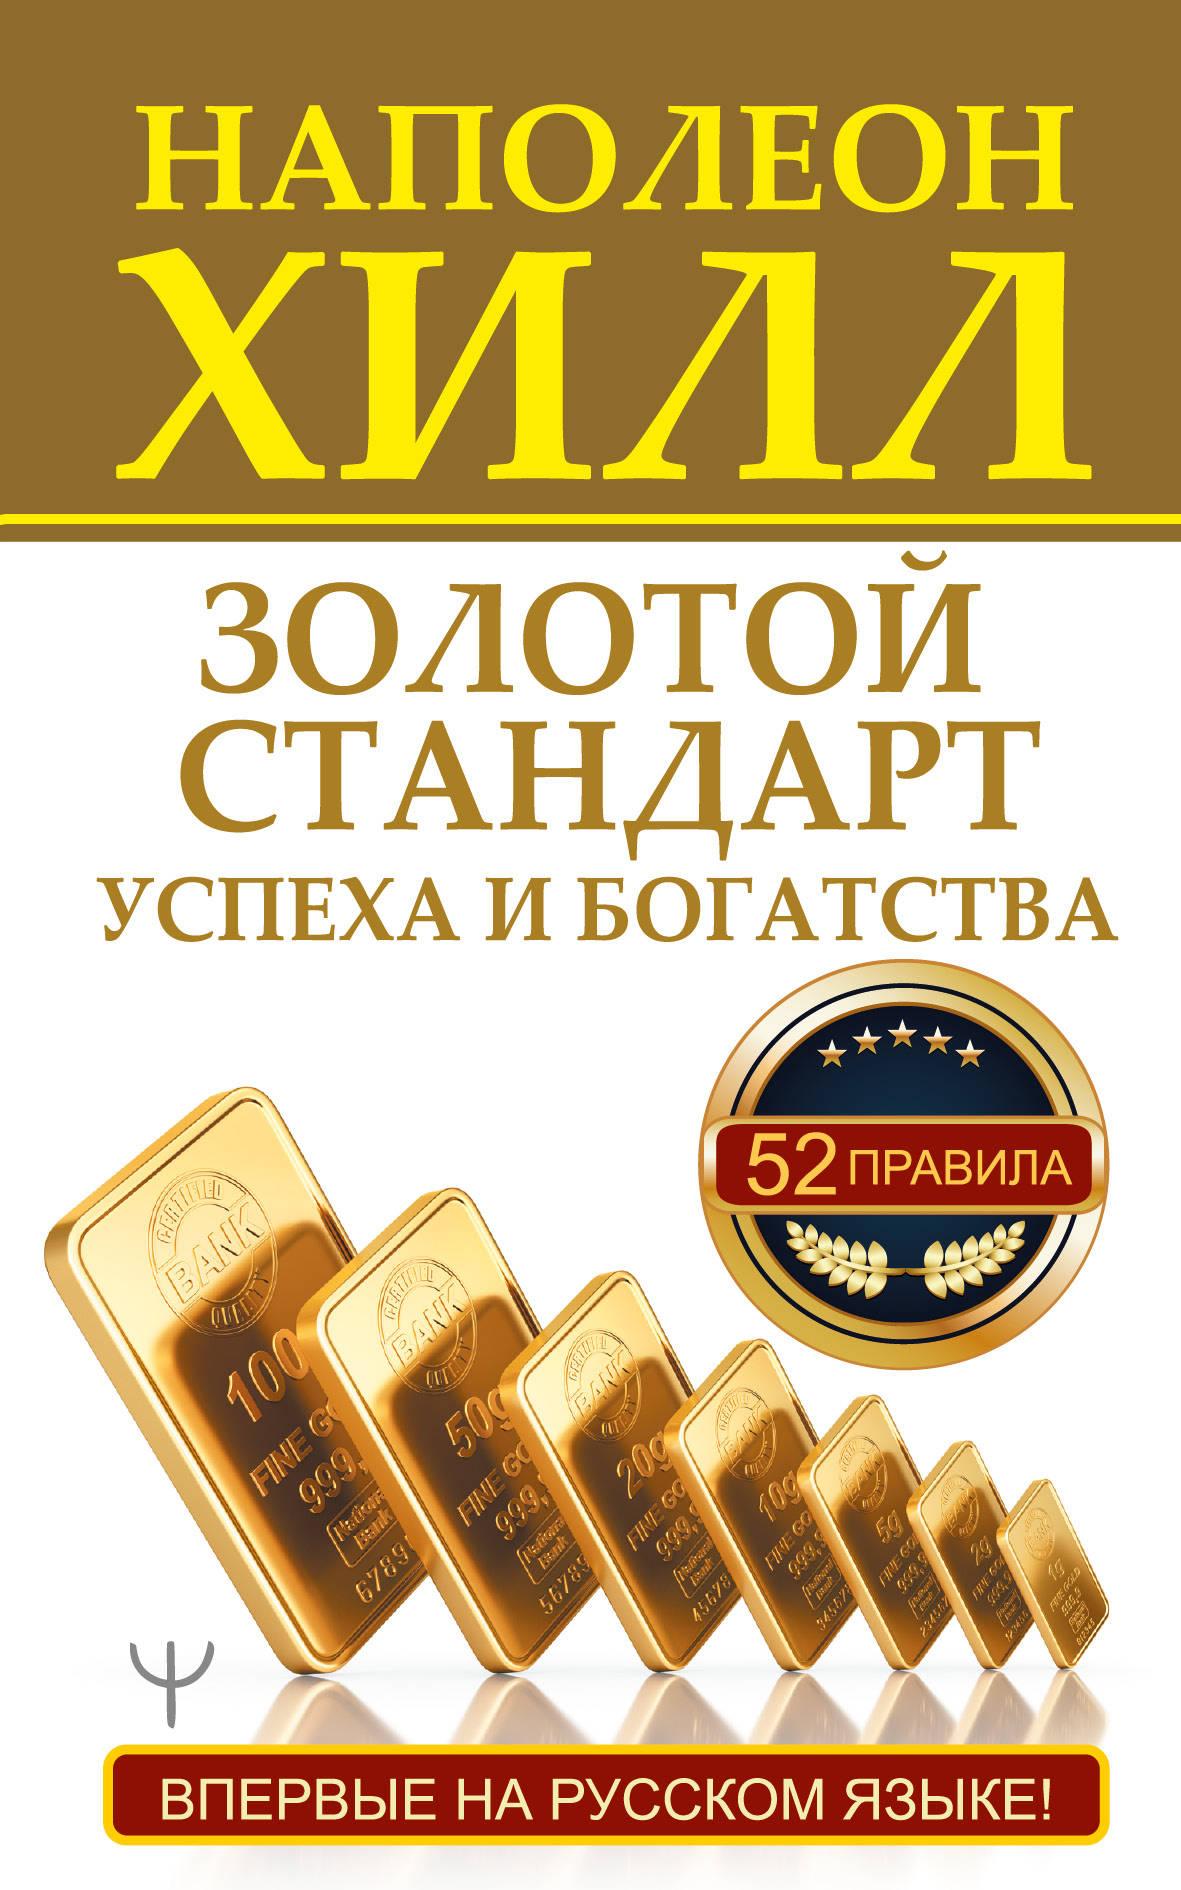 Zolotoj standart uspekha i bogatstva. 52 pravila. Vpervye na russkom jazyke!